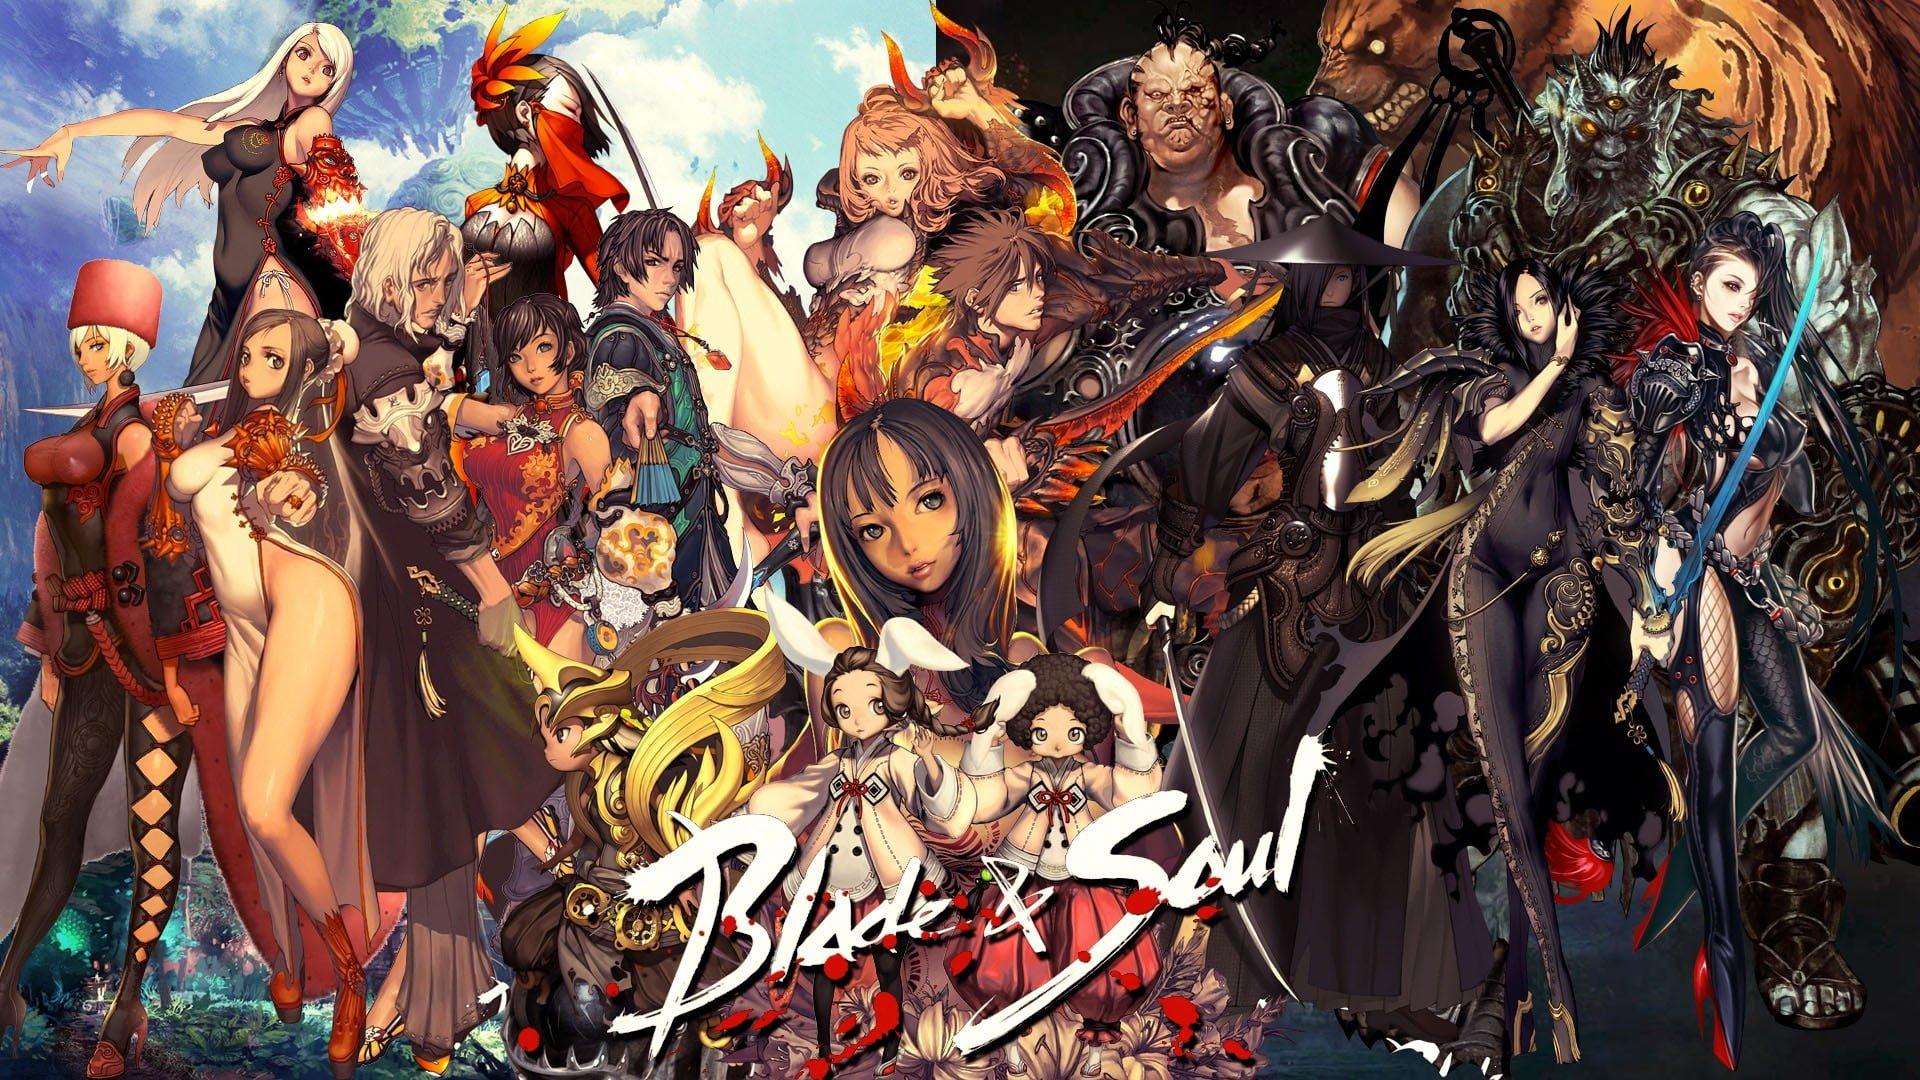 Blade and soul naughty mod hentai tube